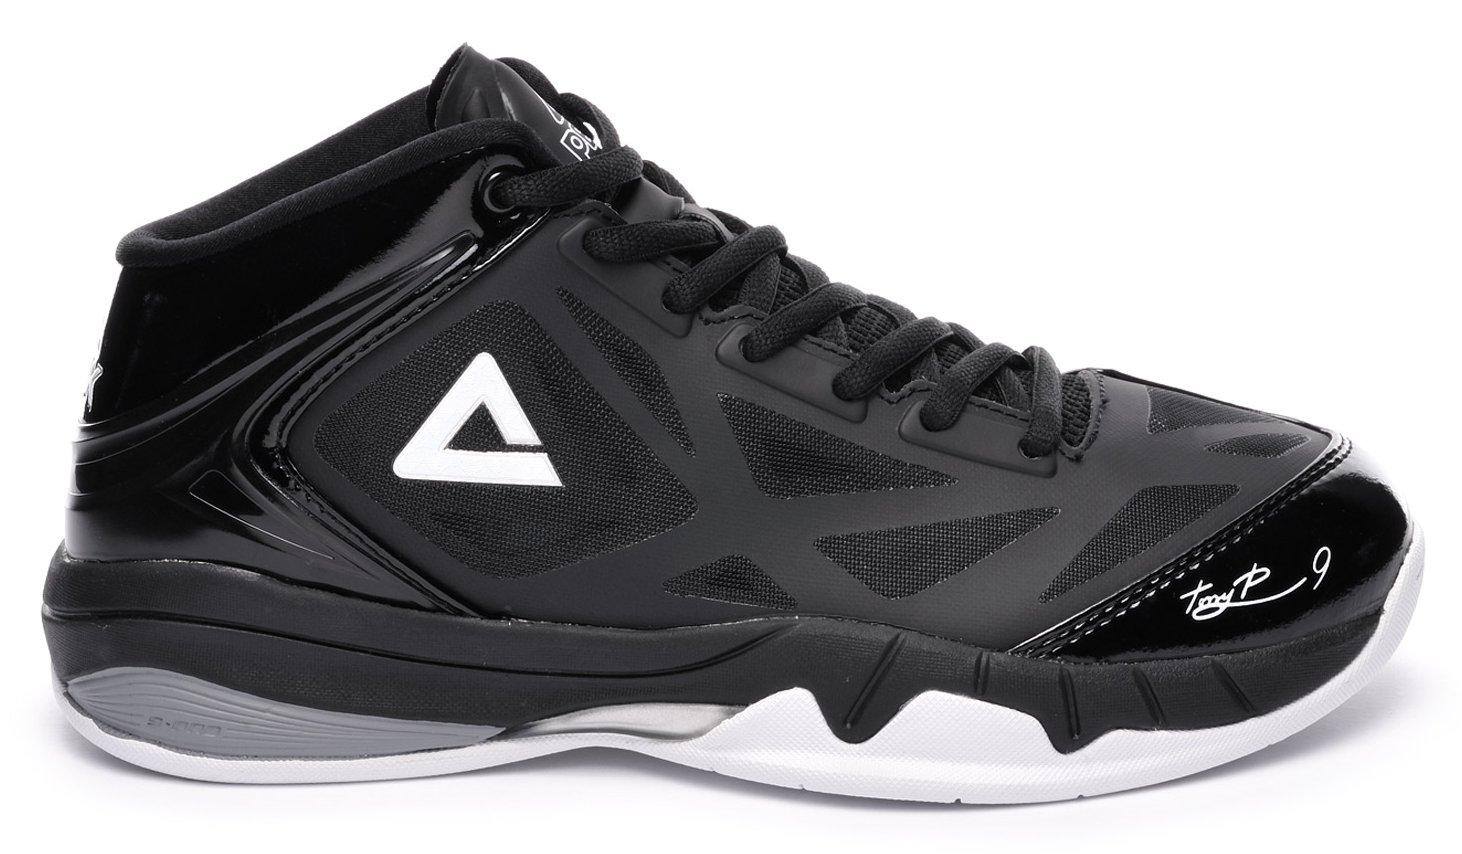 chaussure de basket promotion chaussure de sport basket homme chaussure de basket pas cher nike. Black Bedroom Furniture Sets. Home Design Ideas